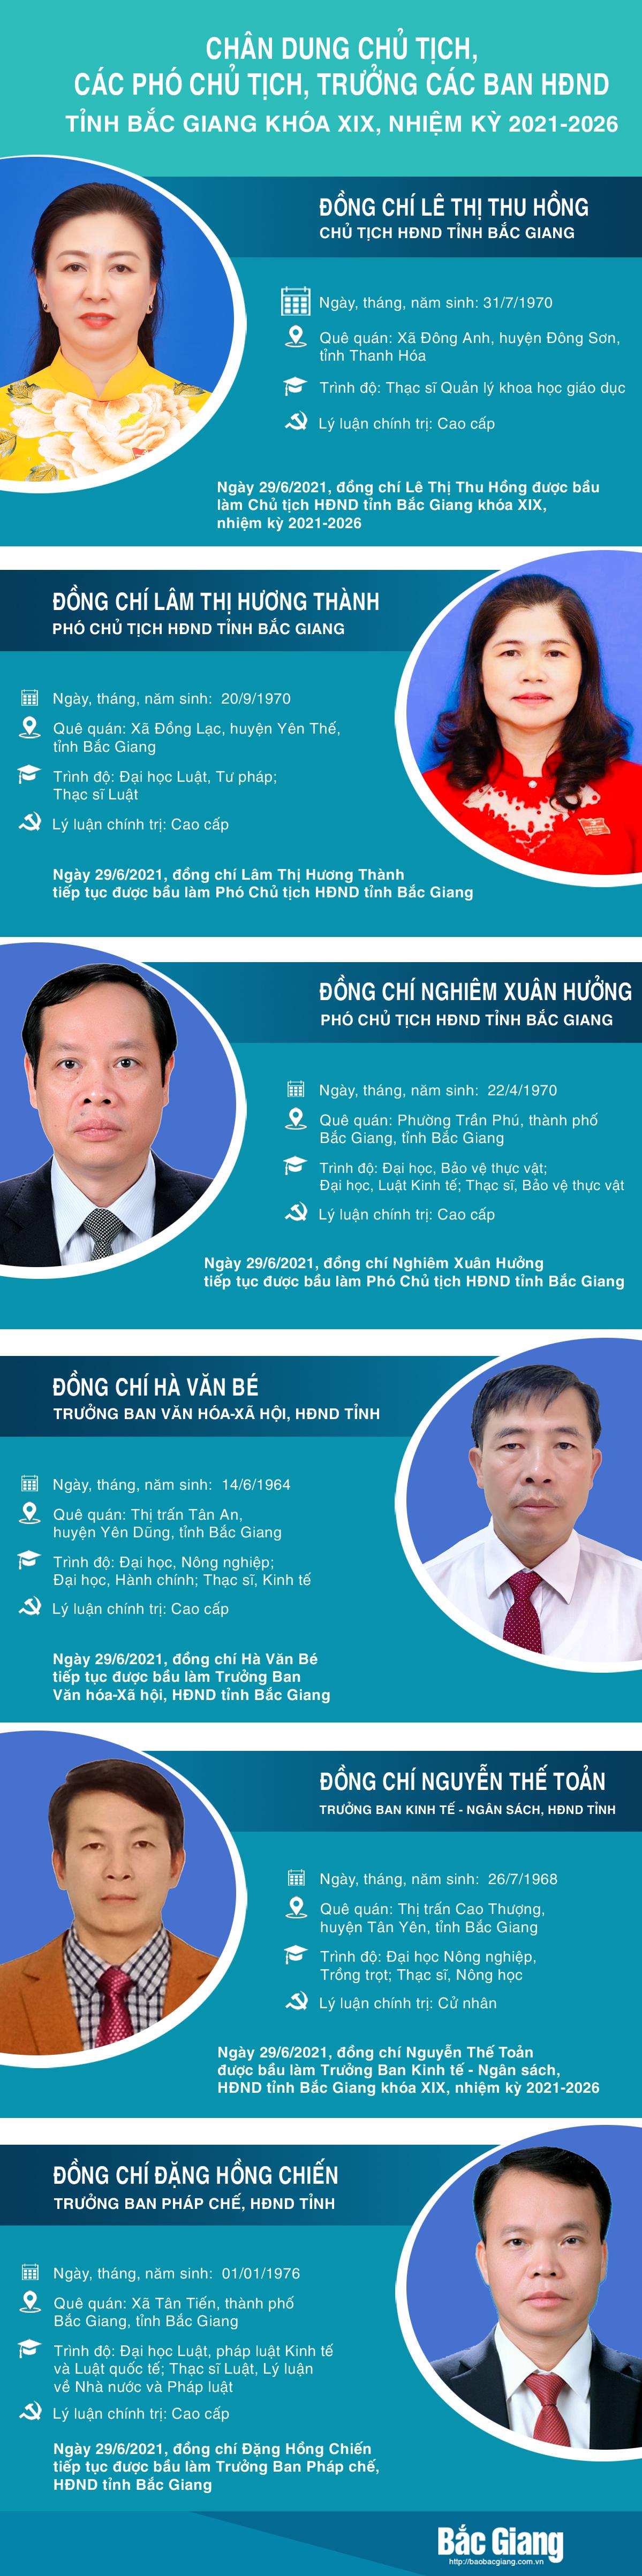 Chủ tịch, Phó Chủ tịch, Trưởng ban, HĐND tỉnh Bắc Giang, HĐND tỉnh khóa XIX